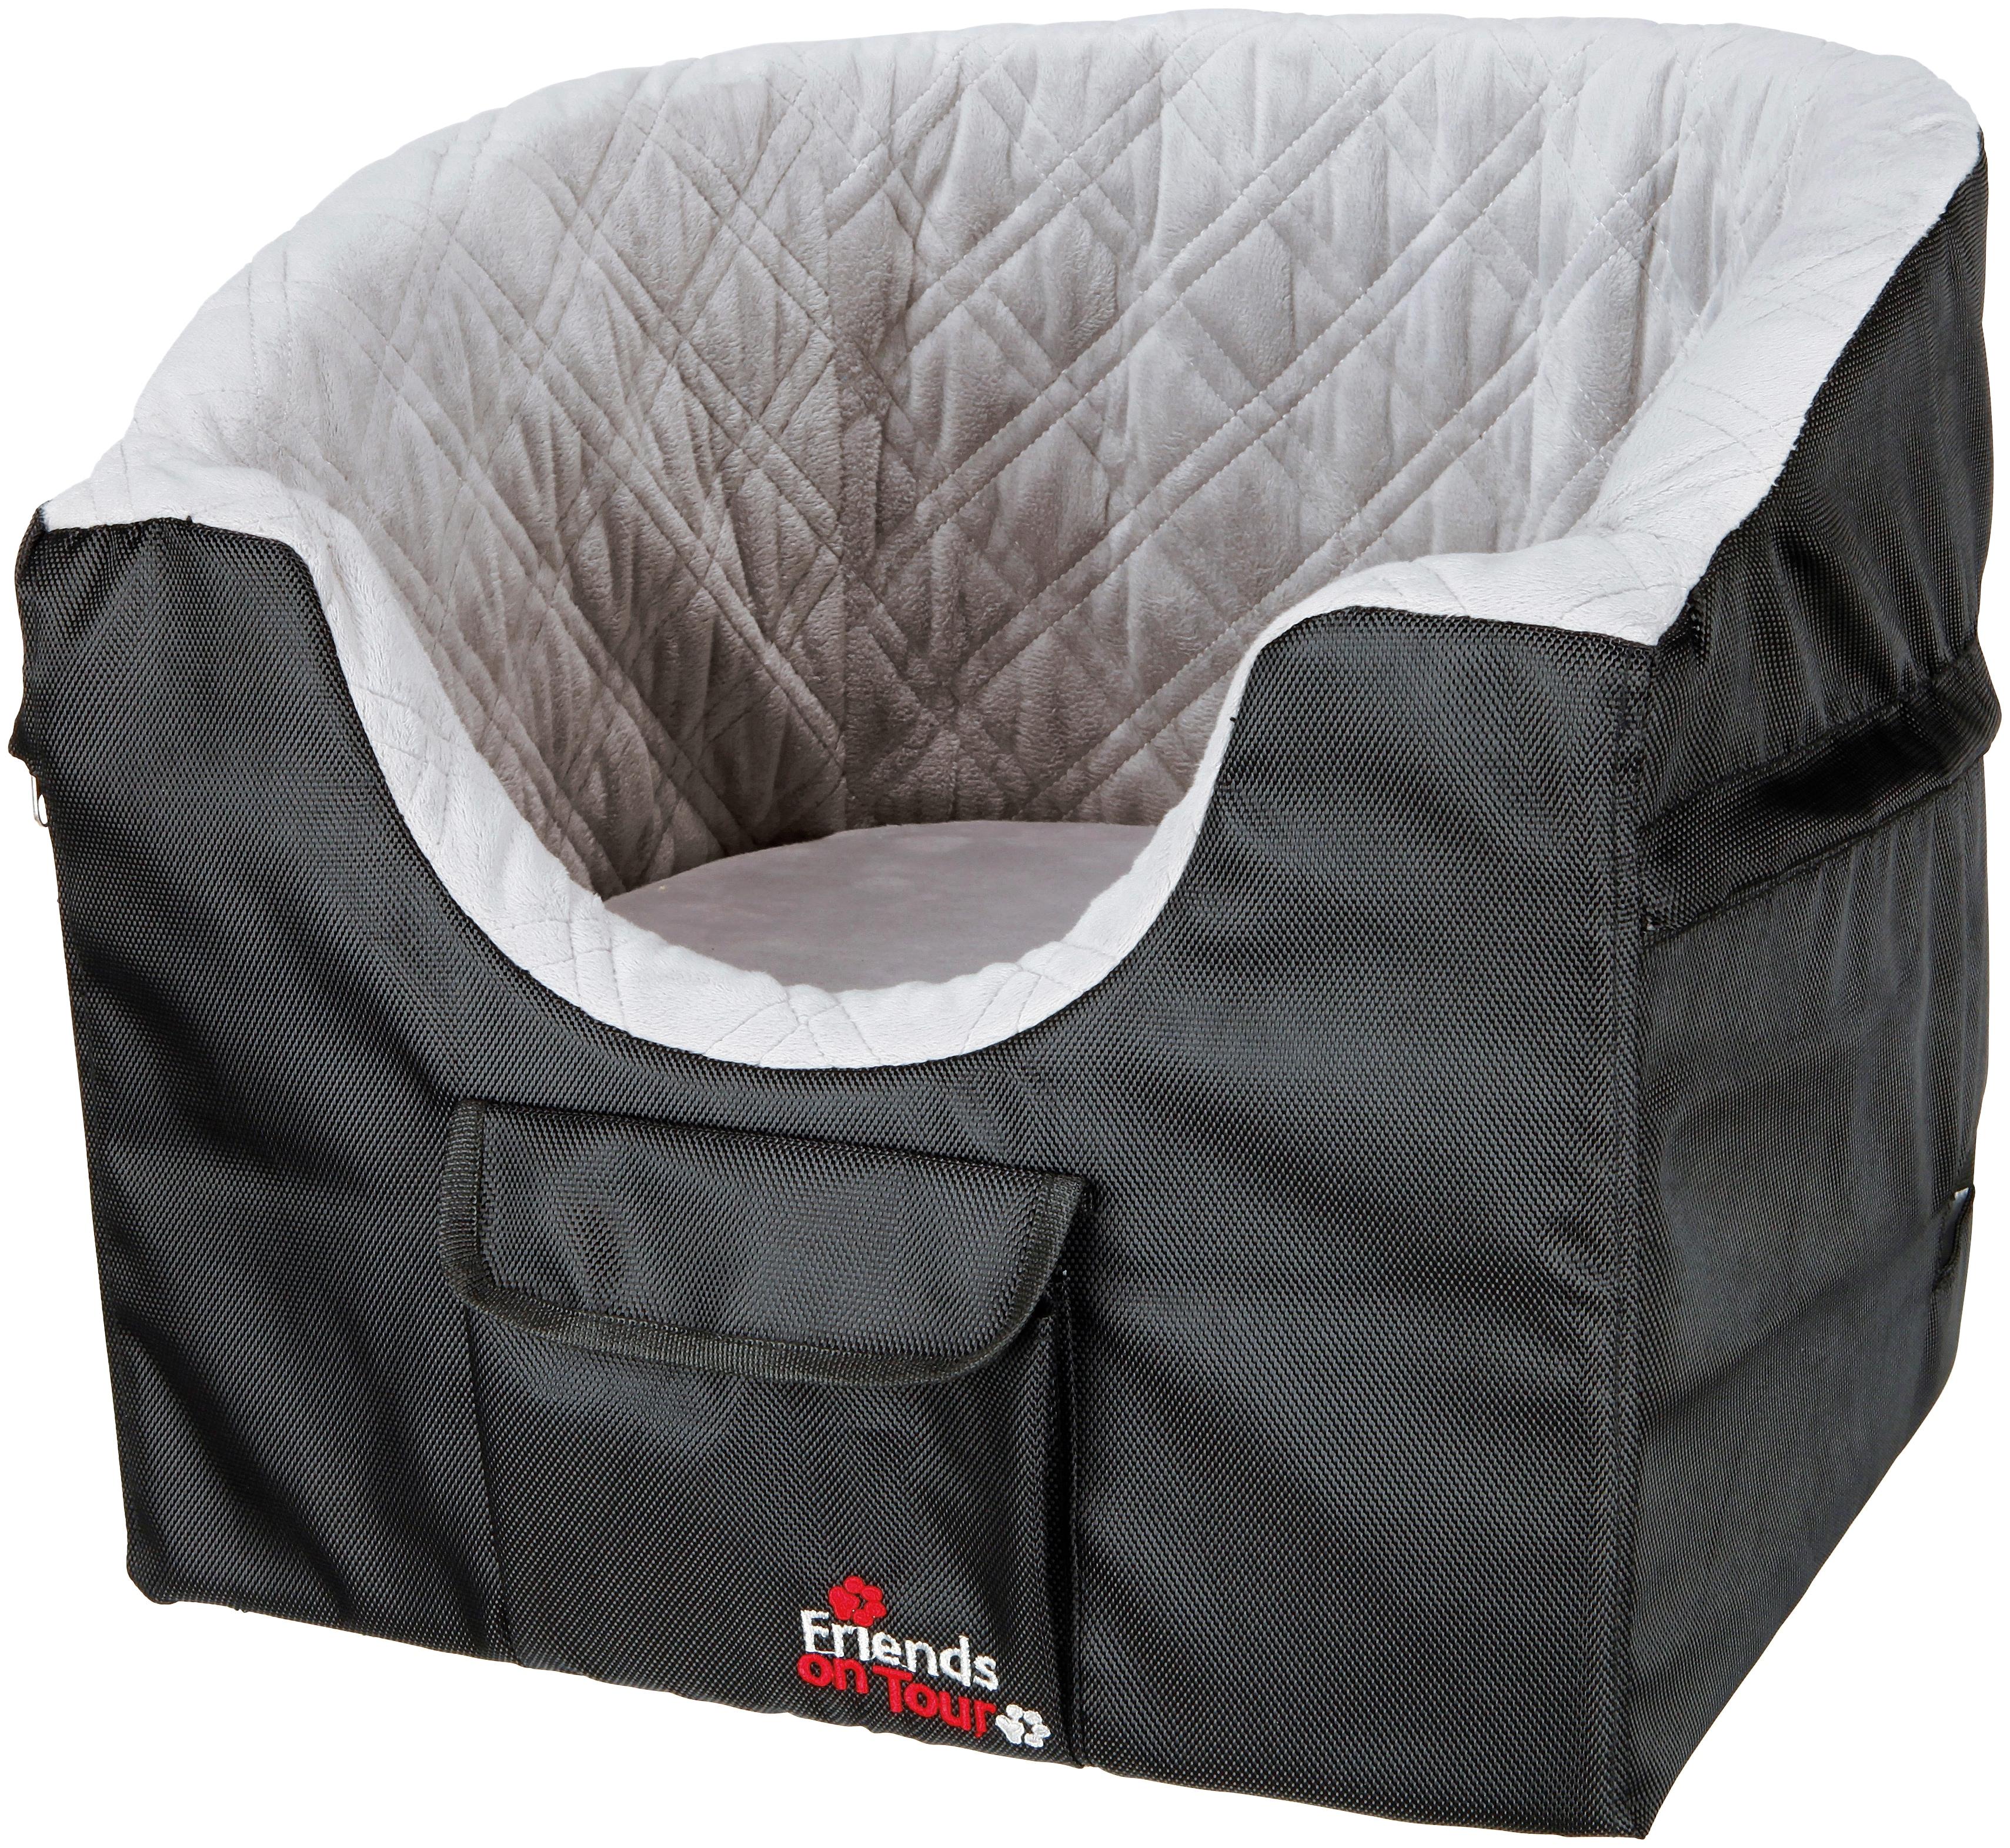 TRIXIE Hunde-Autositz, für kleine Hunde, BxL: 45x42 cm schwarz Hunde-Autositz Hundebetten -decken Hund Tierbedarf